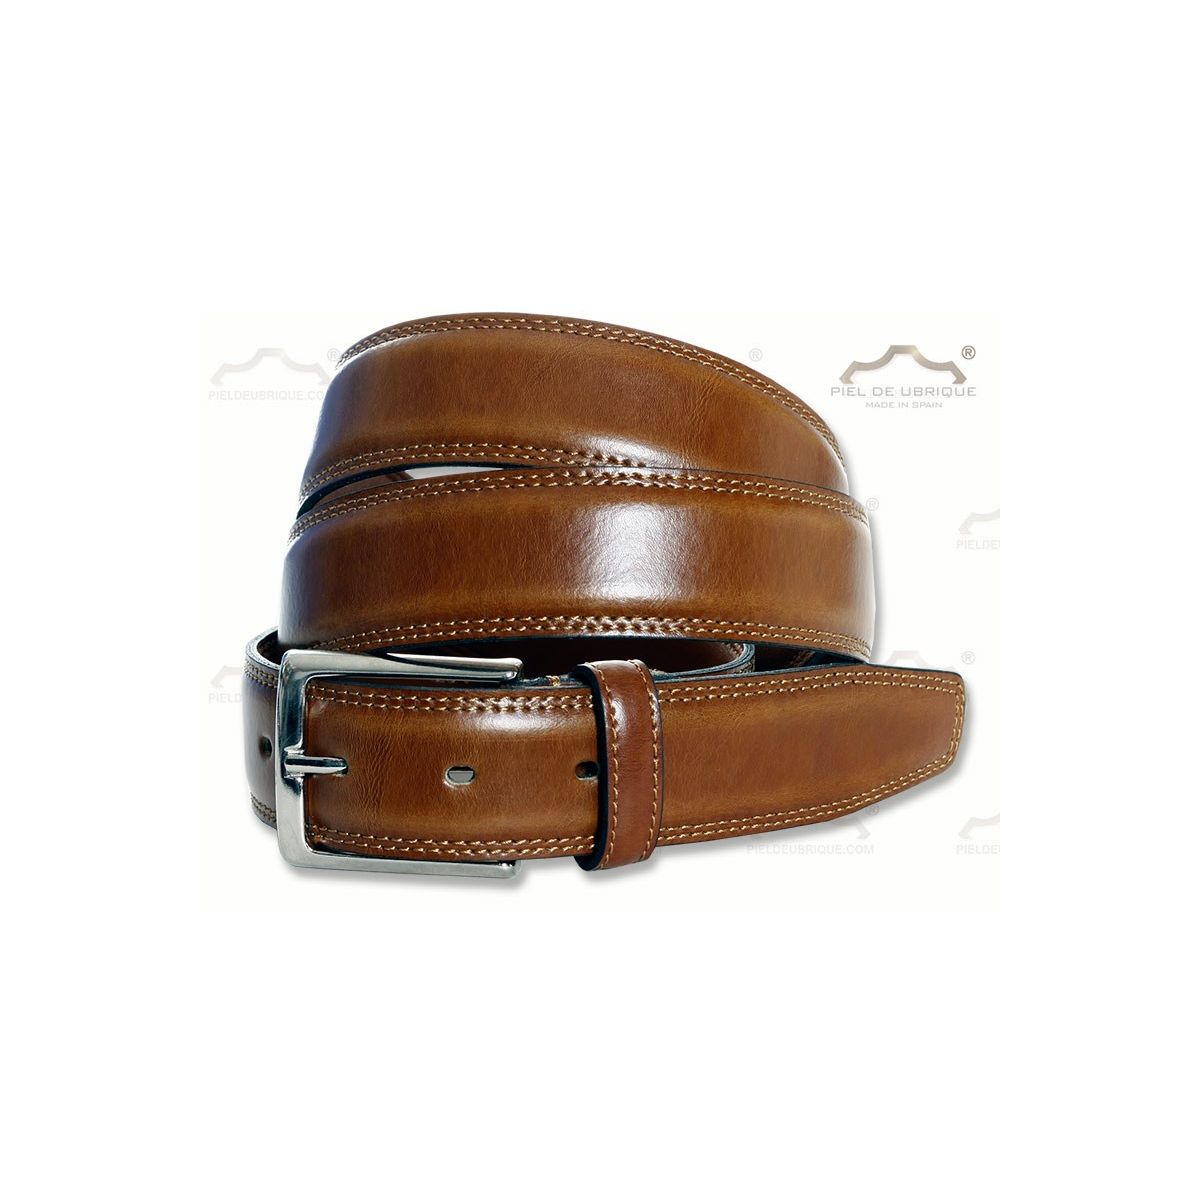 Cinturón de piel para hombre df109641b305